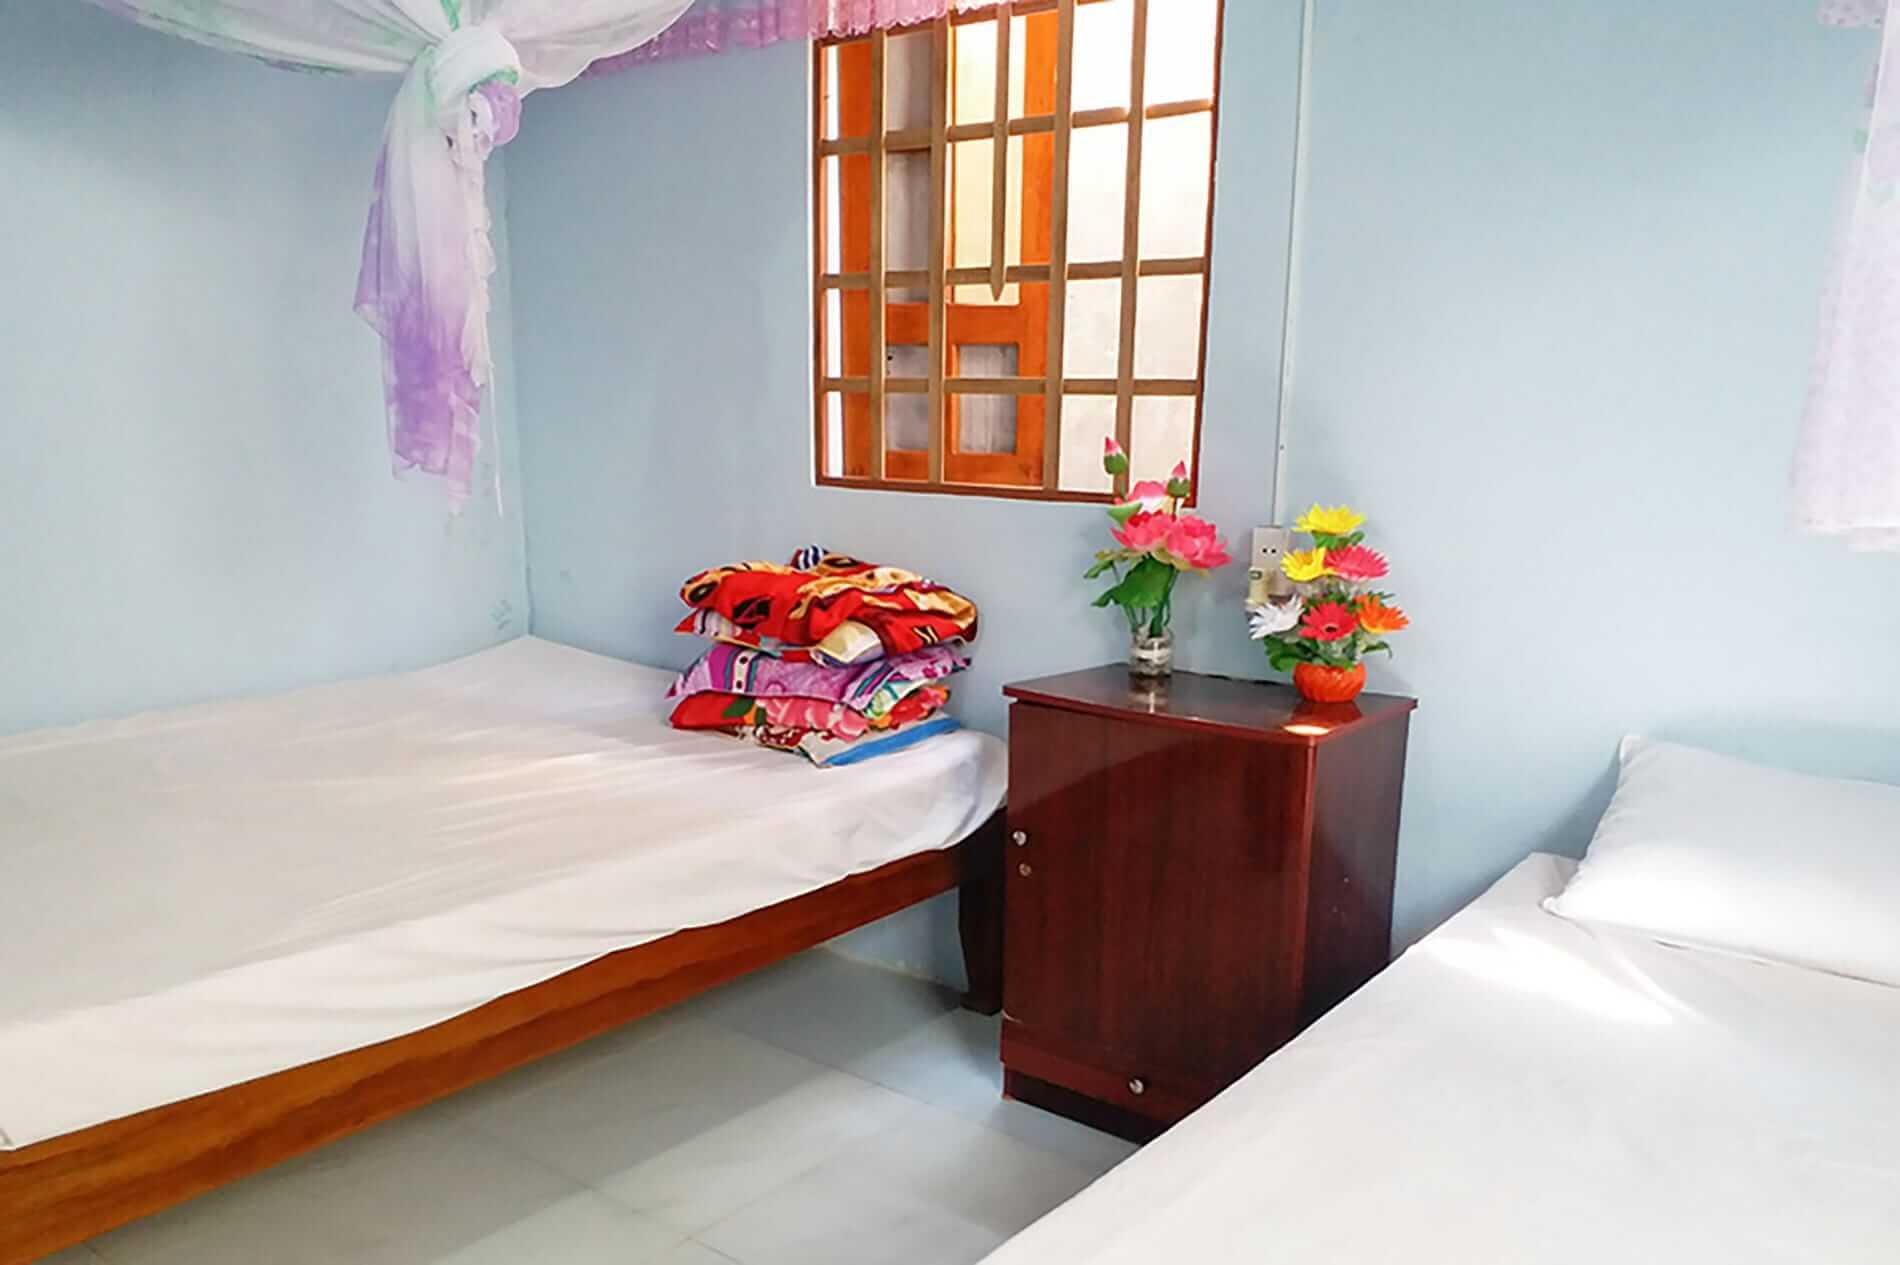 Bai Huong Homestay - Cham Island Accommodation